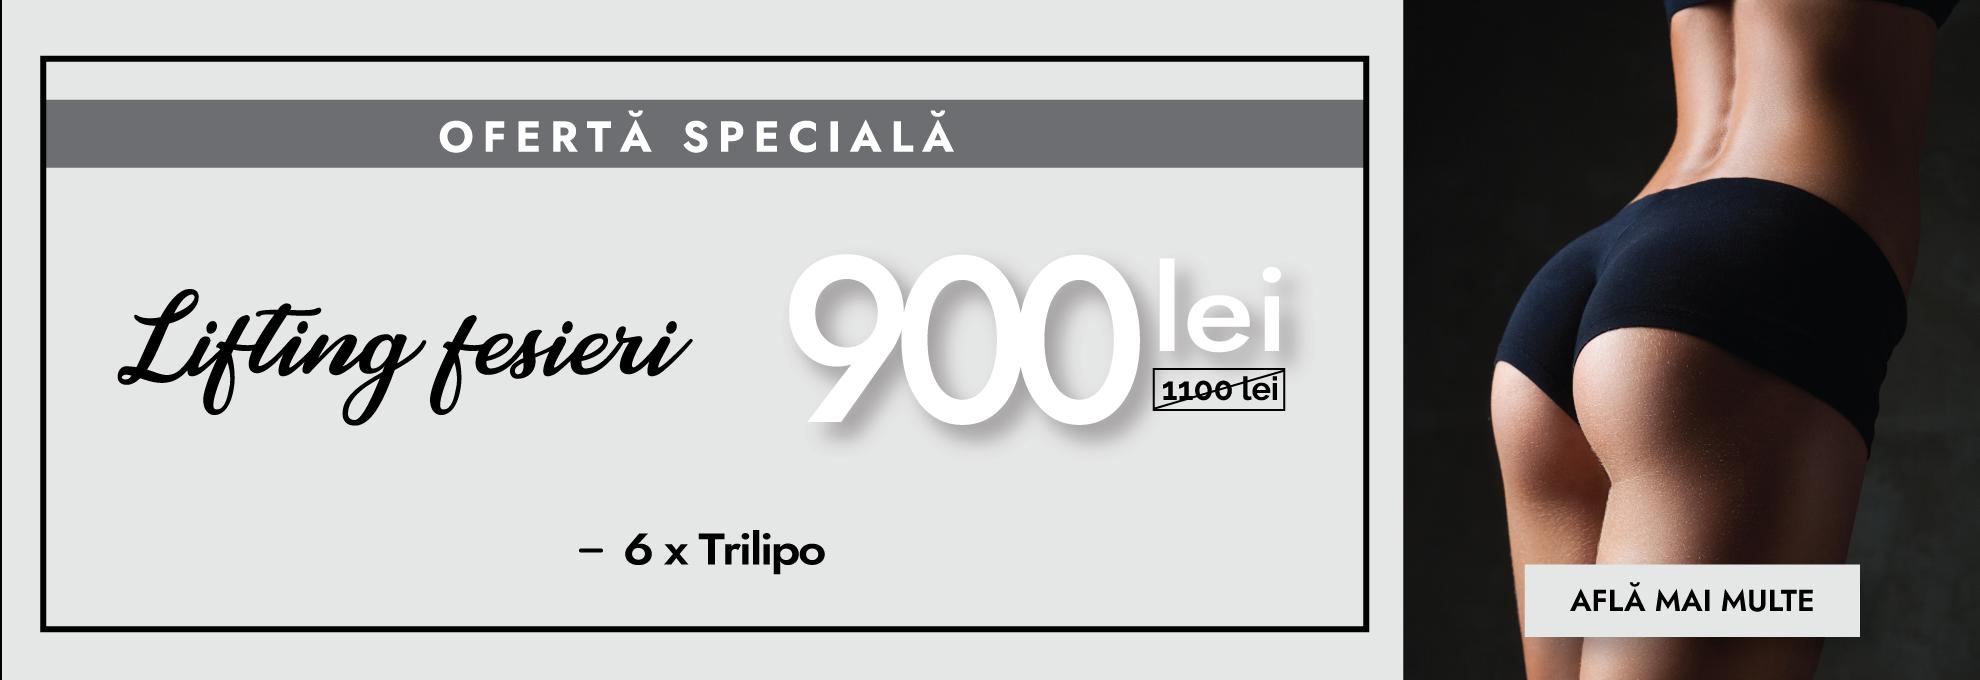 BannerSite990x340-LiftingFesieri